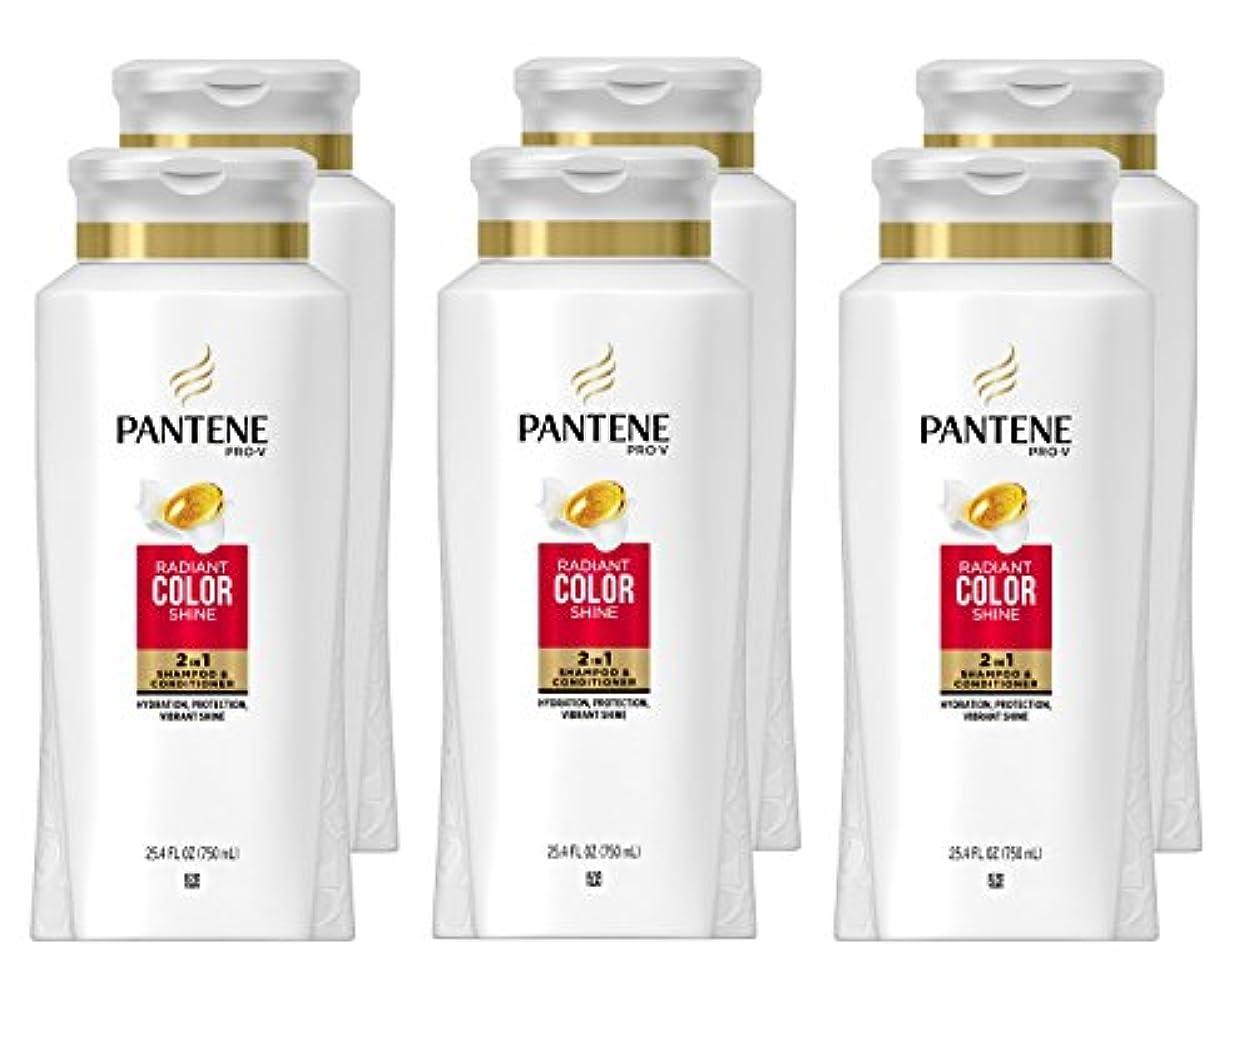 め言葉主張するピッチPantene プロVラディアン色1シャンプー&コンディショナー、25.4液量オンスで磨き2(6パック)(梱包異なる場合があります)